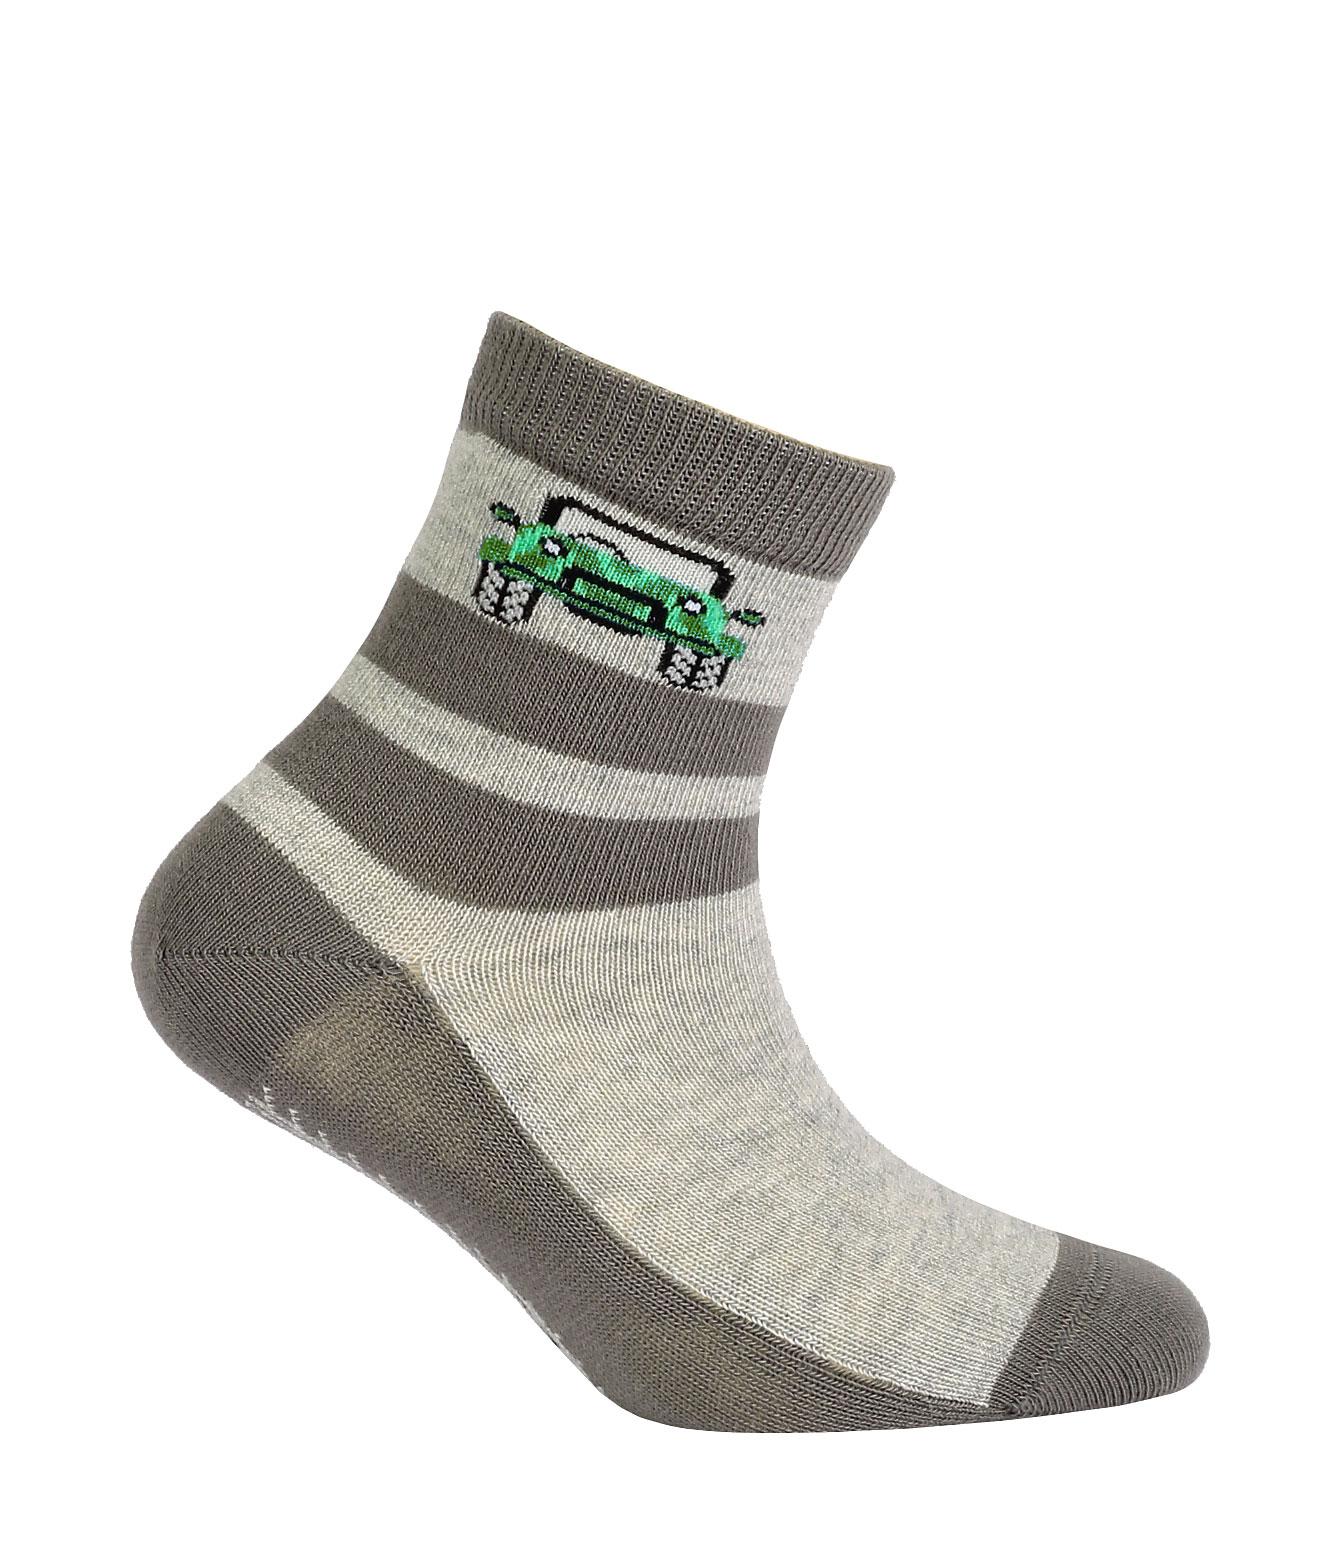 Chlapecké ponožky s obrázkem GATTA JEEP šedé Velikost: 21-23